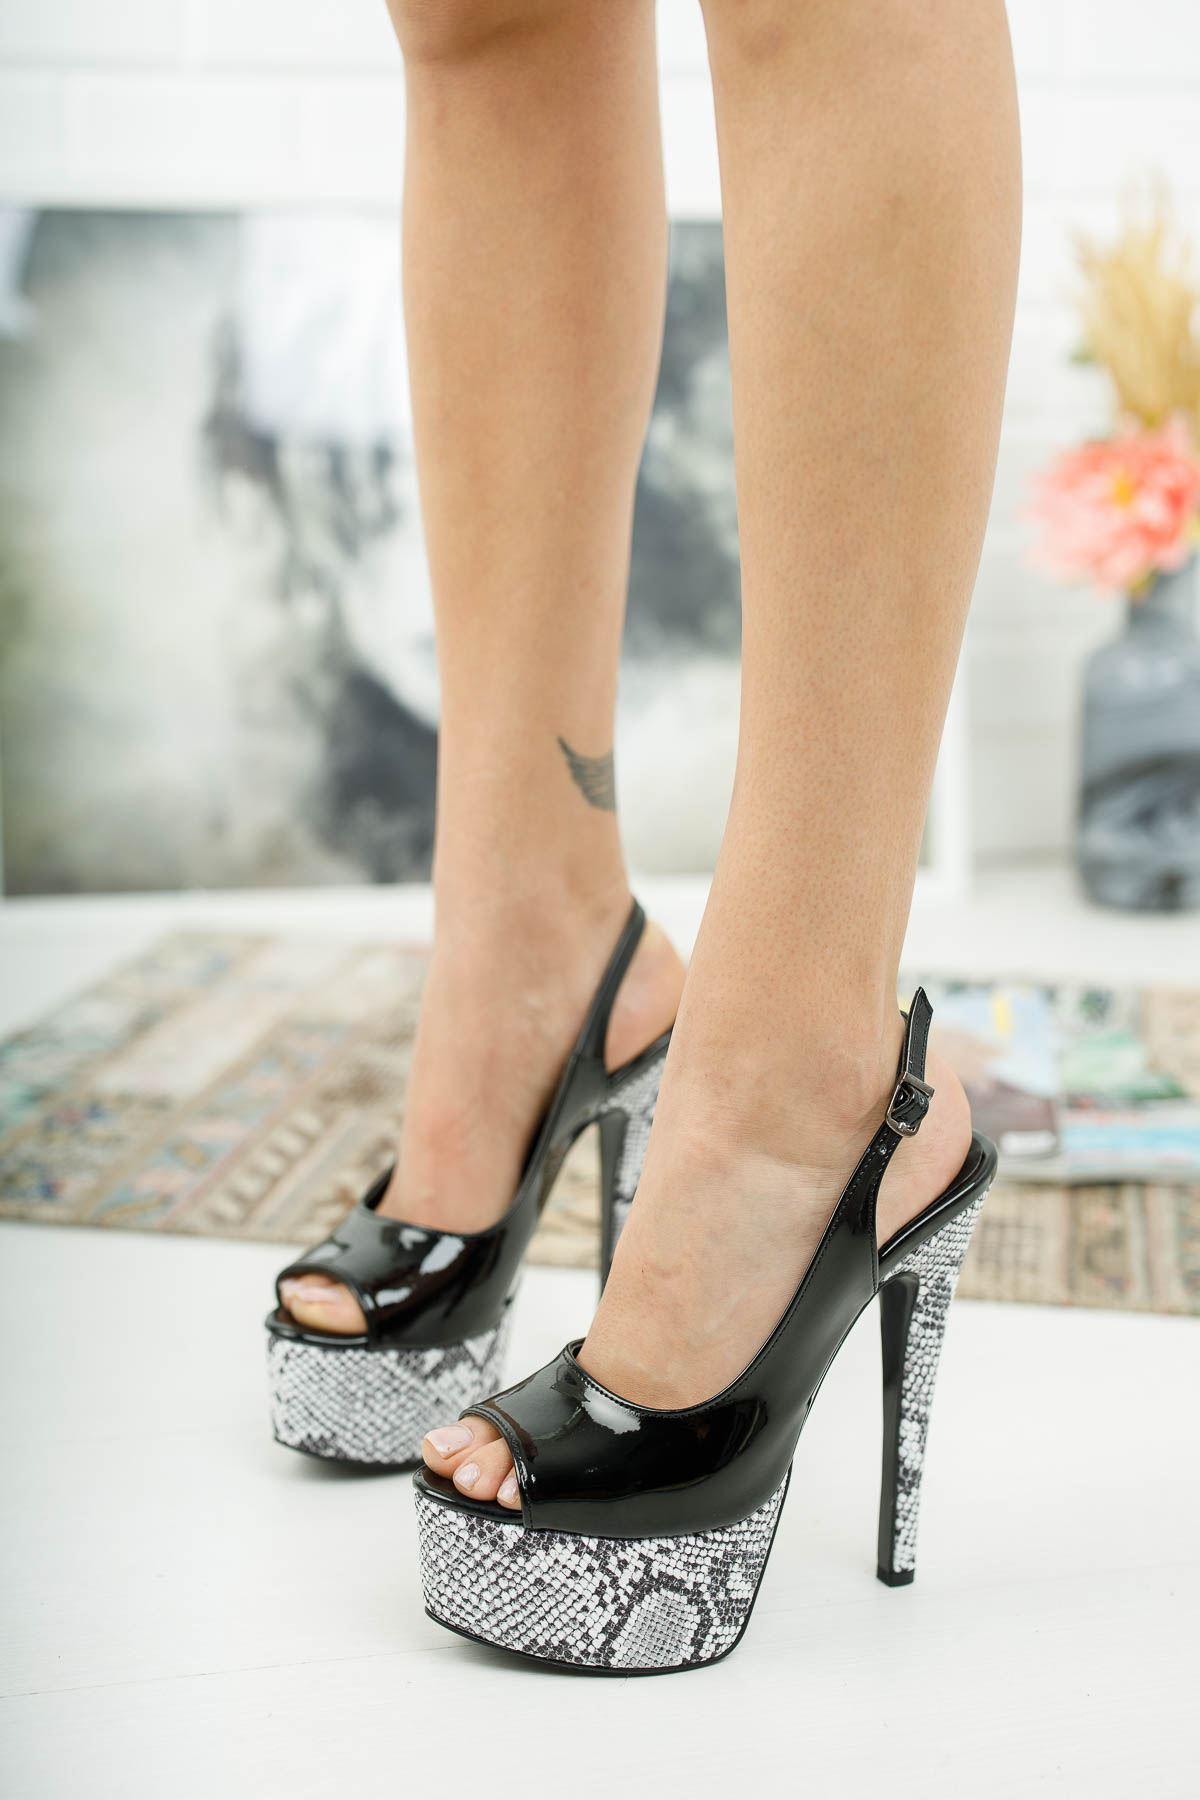 Ruby Siyah Rugan Yılanlı Yüksek Topuklu Kadın Ayakkabı